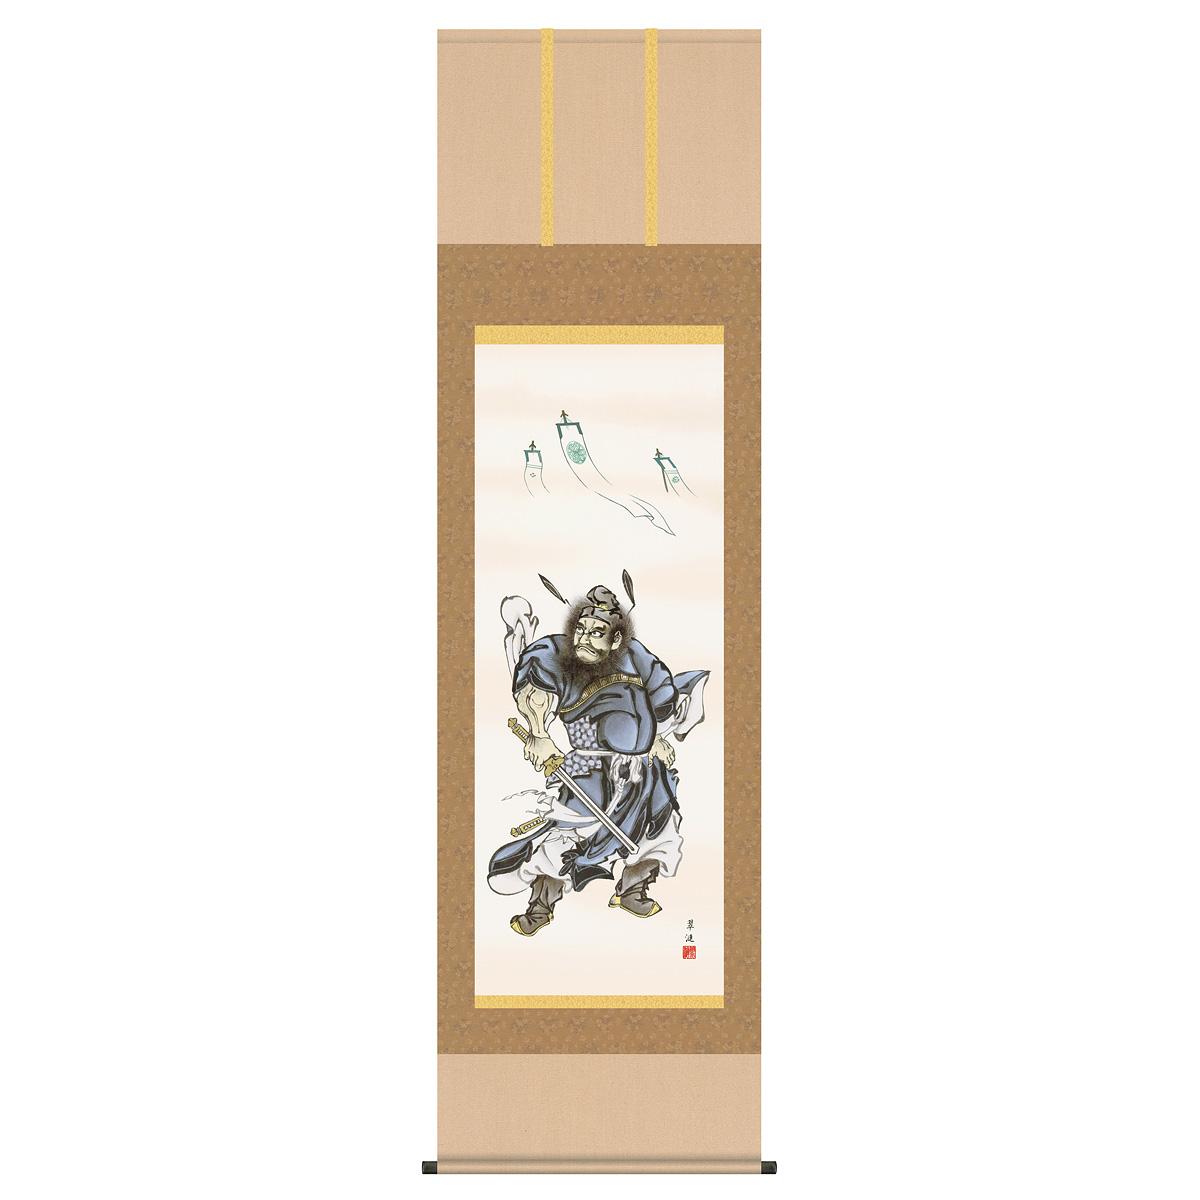 五月人形 5月人形 鎧 兜 端午の節句 掛け軸 オンライン限定商品 鎧飾り 兜飾り 白翠会 正月飾り 掛軸 正月 鐘馗 オリジナル 作 戸塚翠漣